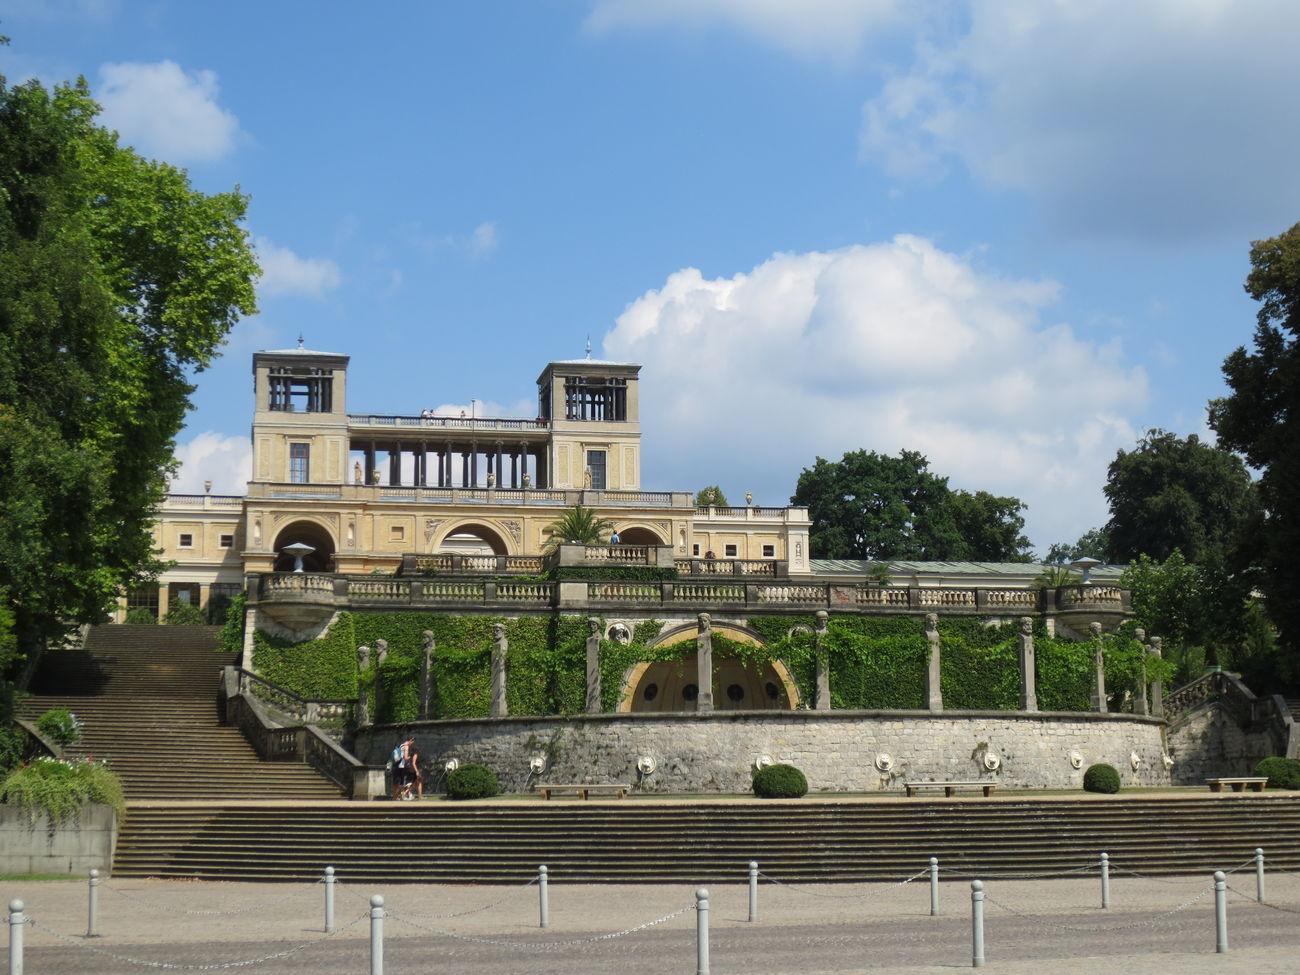 Un Palacio visto de frente en la Ciudad De Potsdam en Berlin